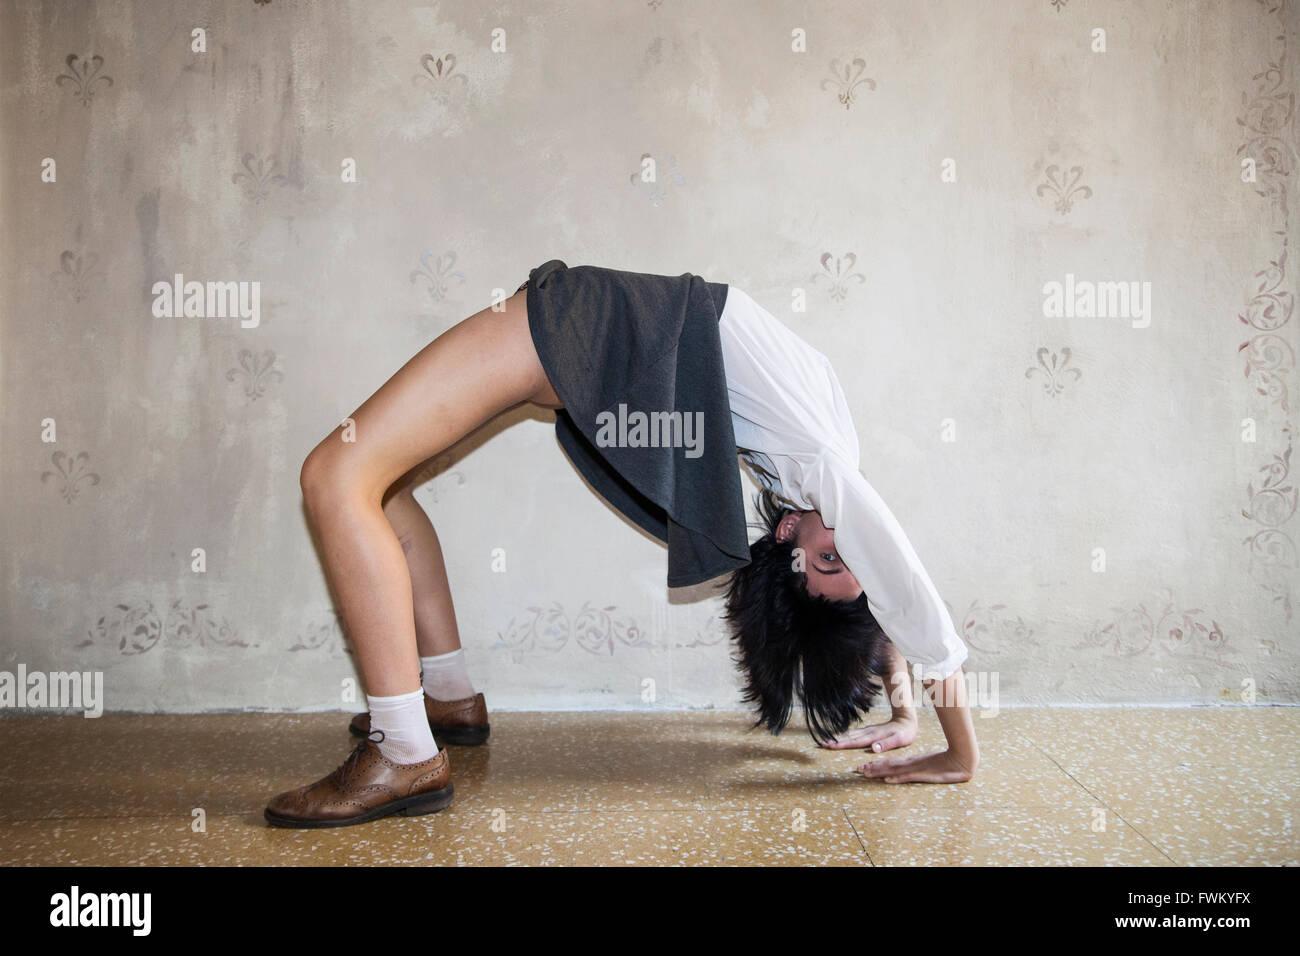 La longitud completa de la mujer practicando Yoga contra la pared Imagen De Stock